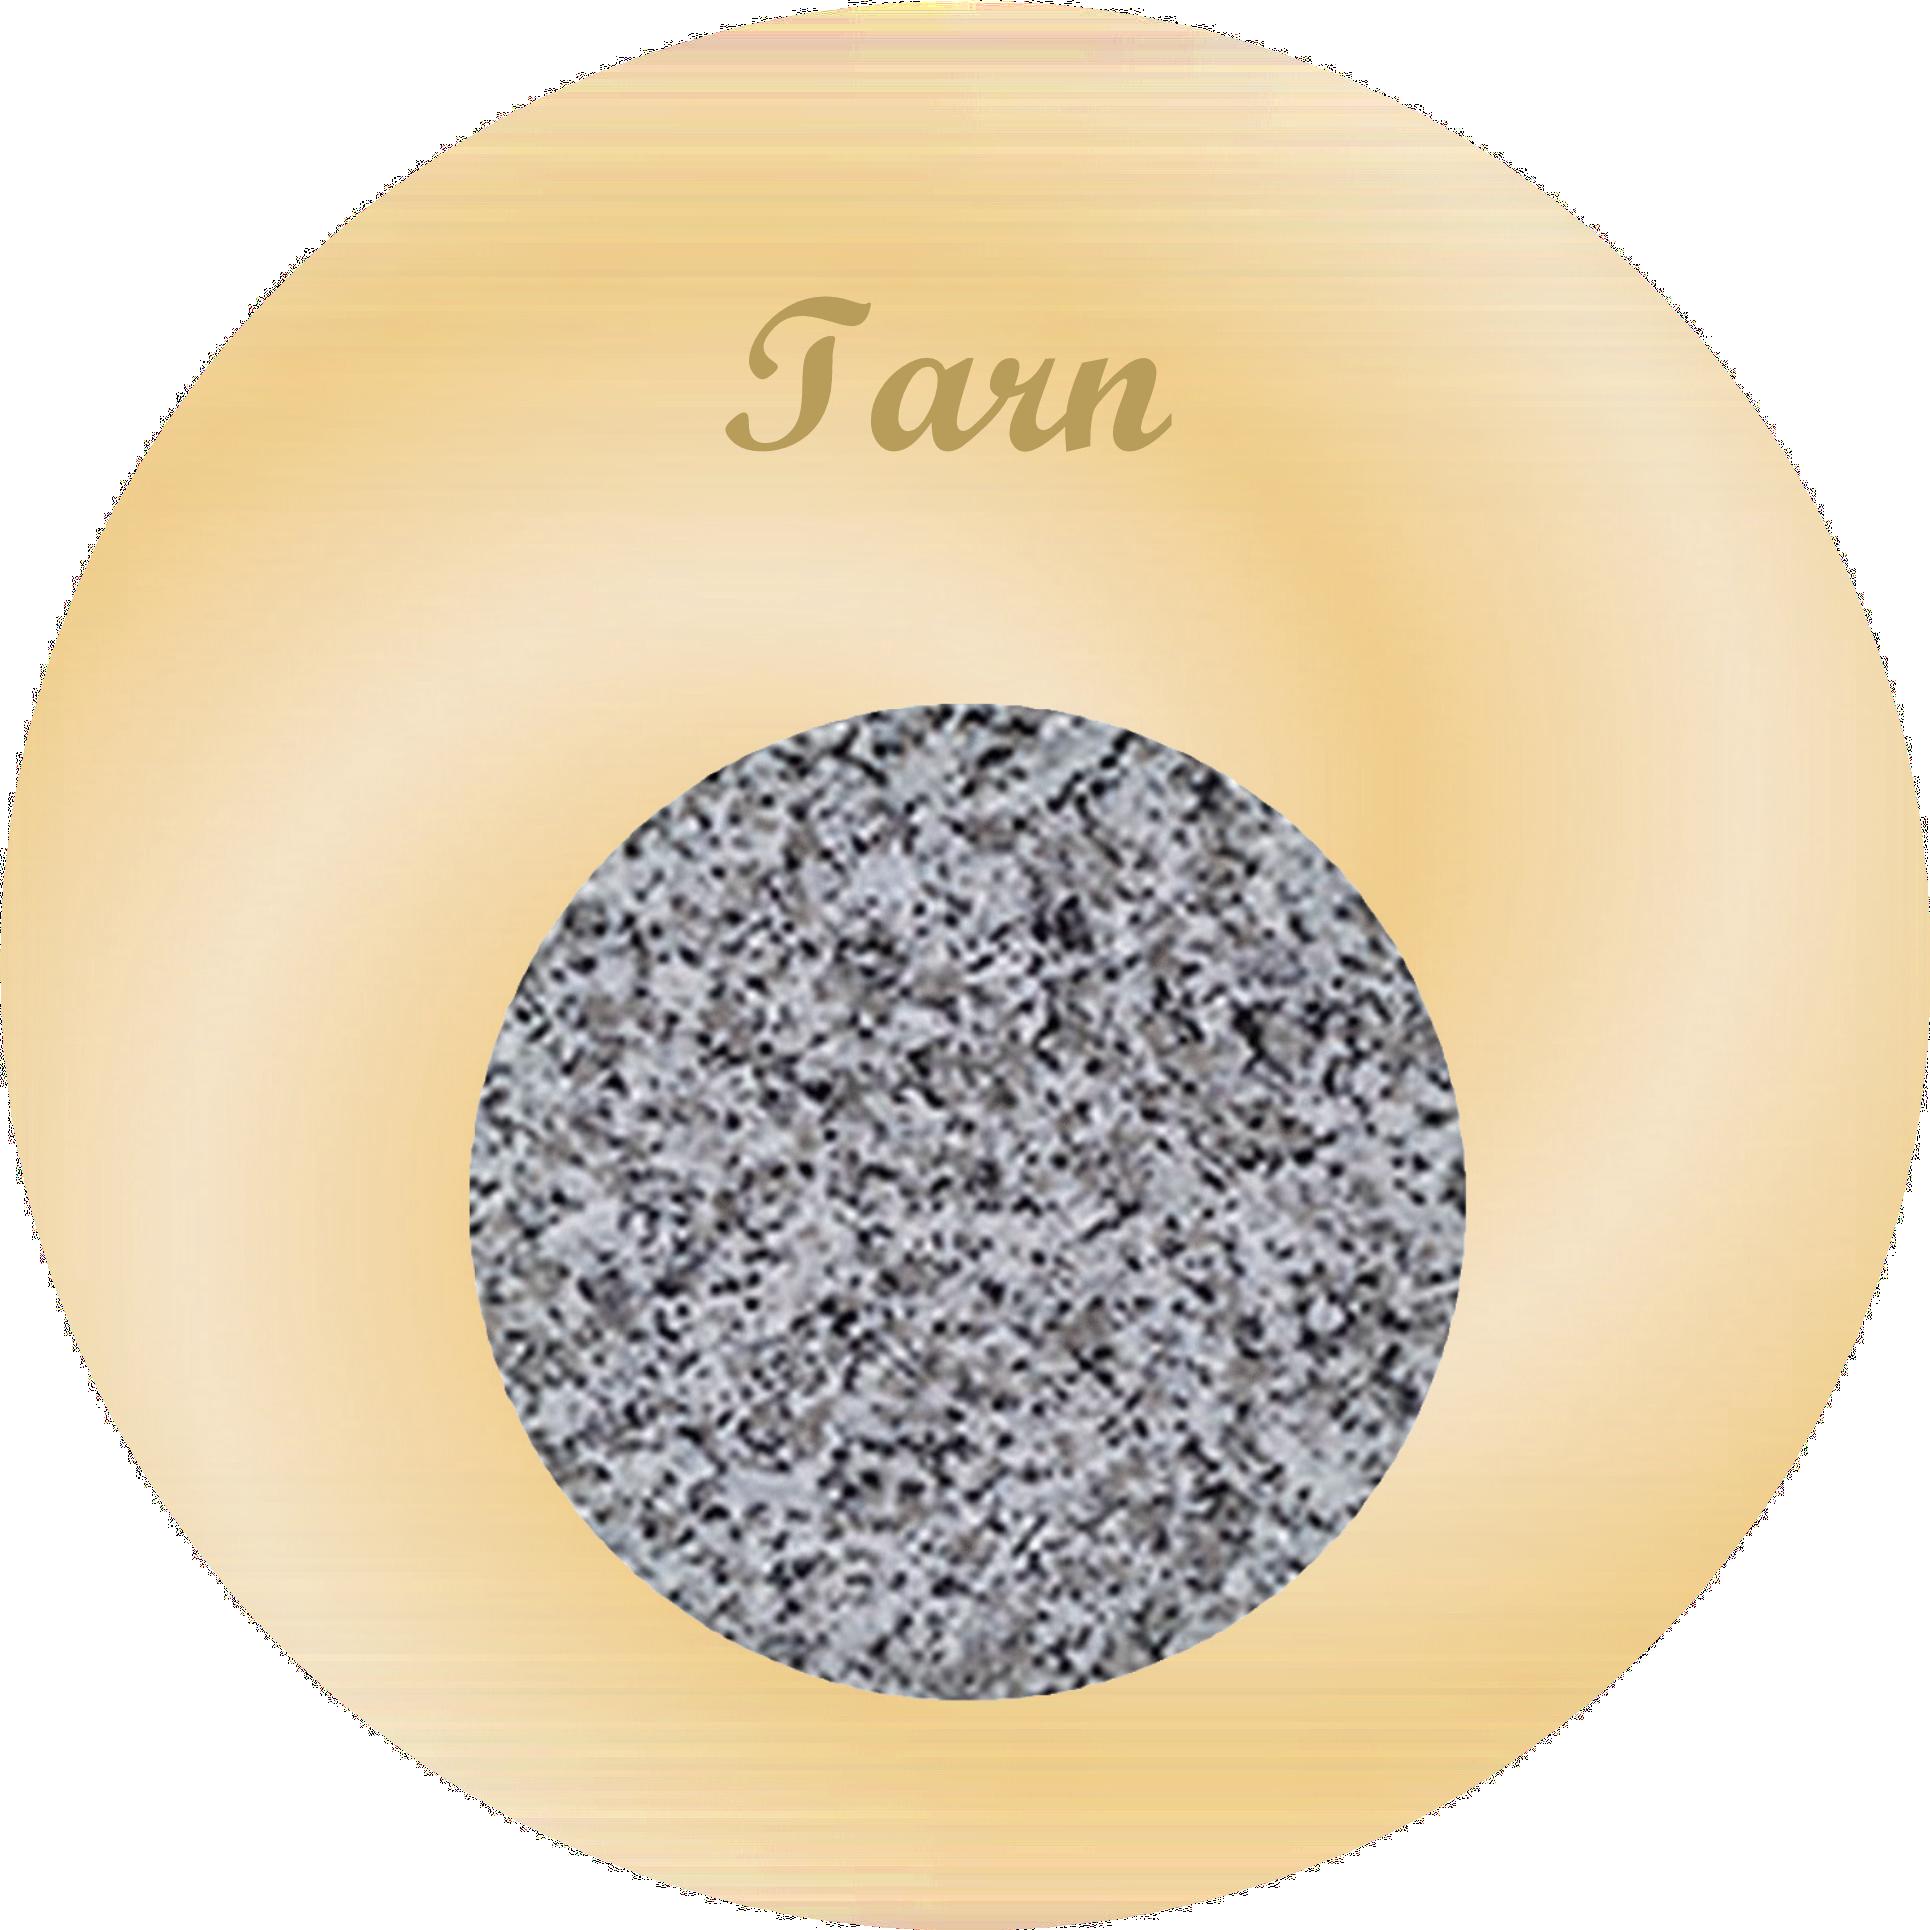 couleur granit tarn pour plaques funeraires